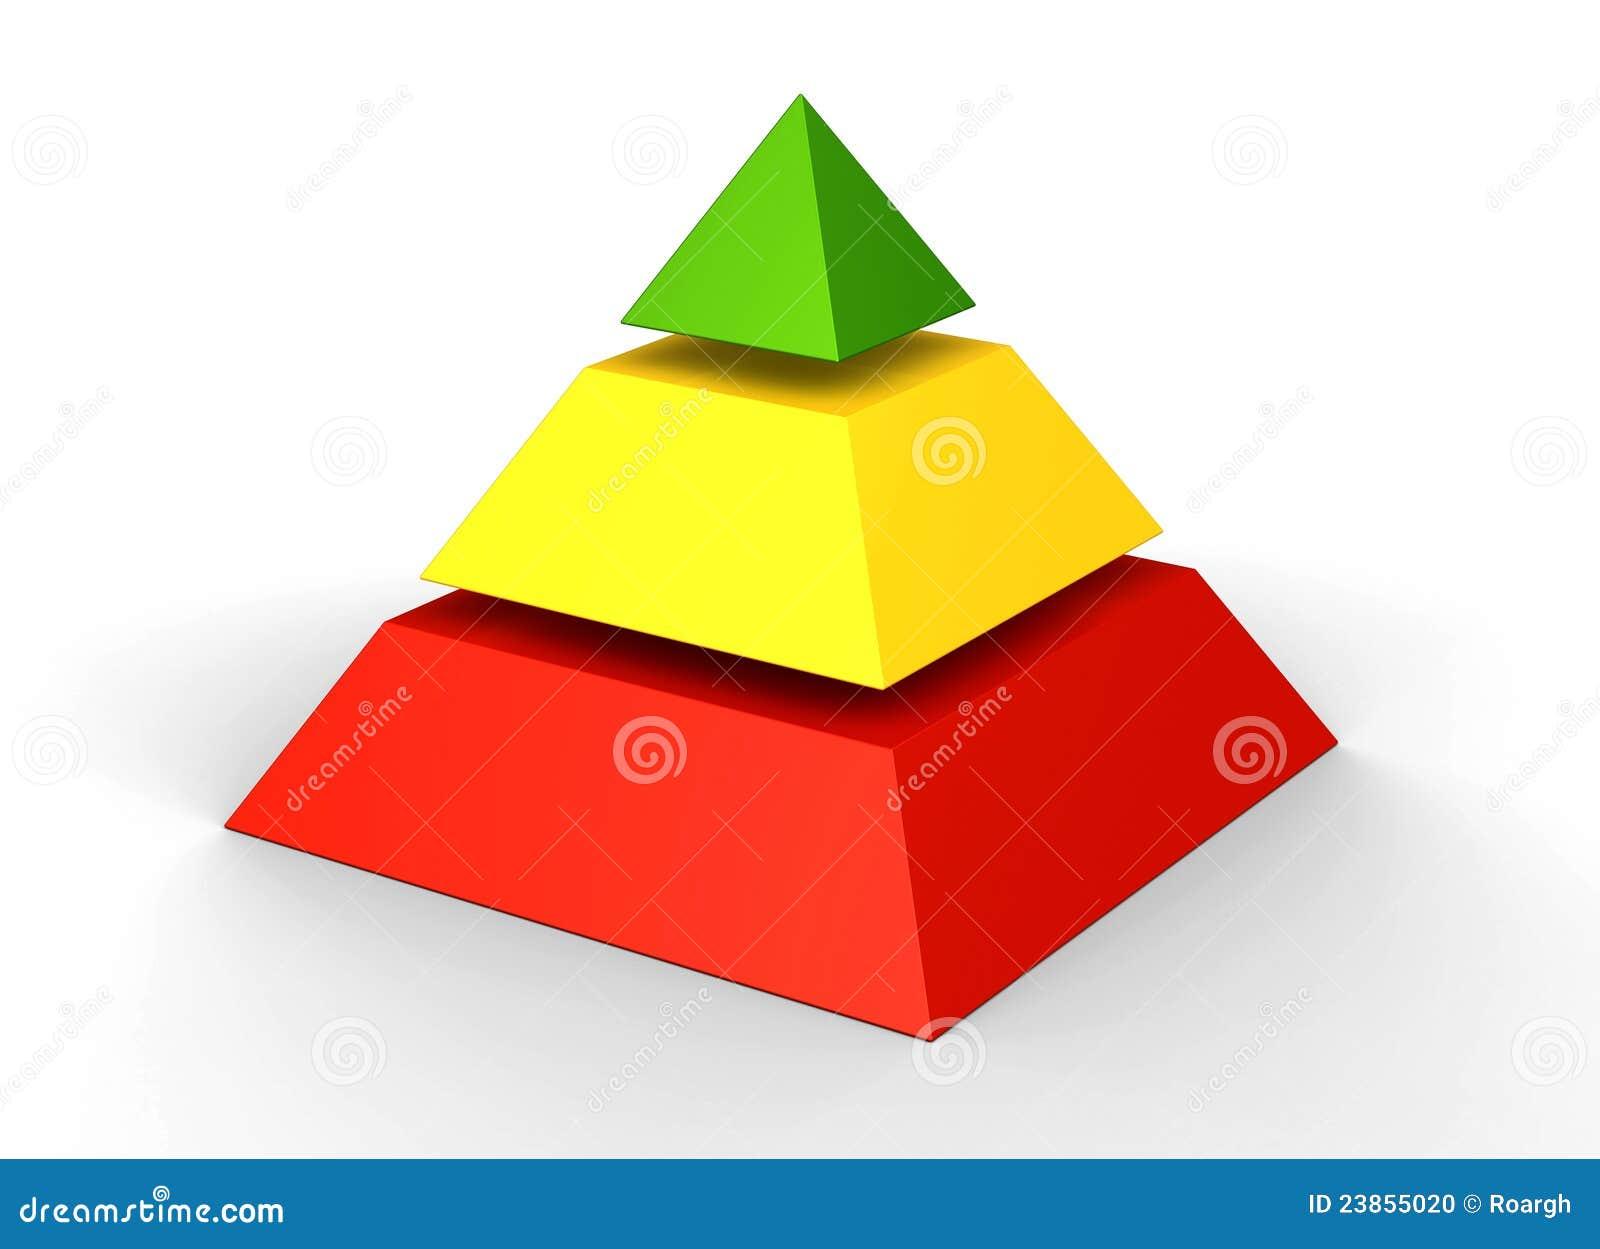 Icono De Ubicacion Icono De Ubicacion Carta Lápiz Png Y: Pirámide De Tres Niveles Foto De Archivo